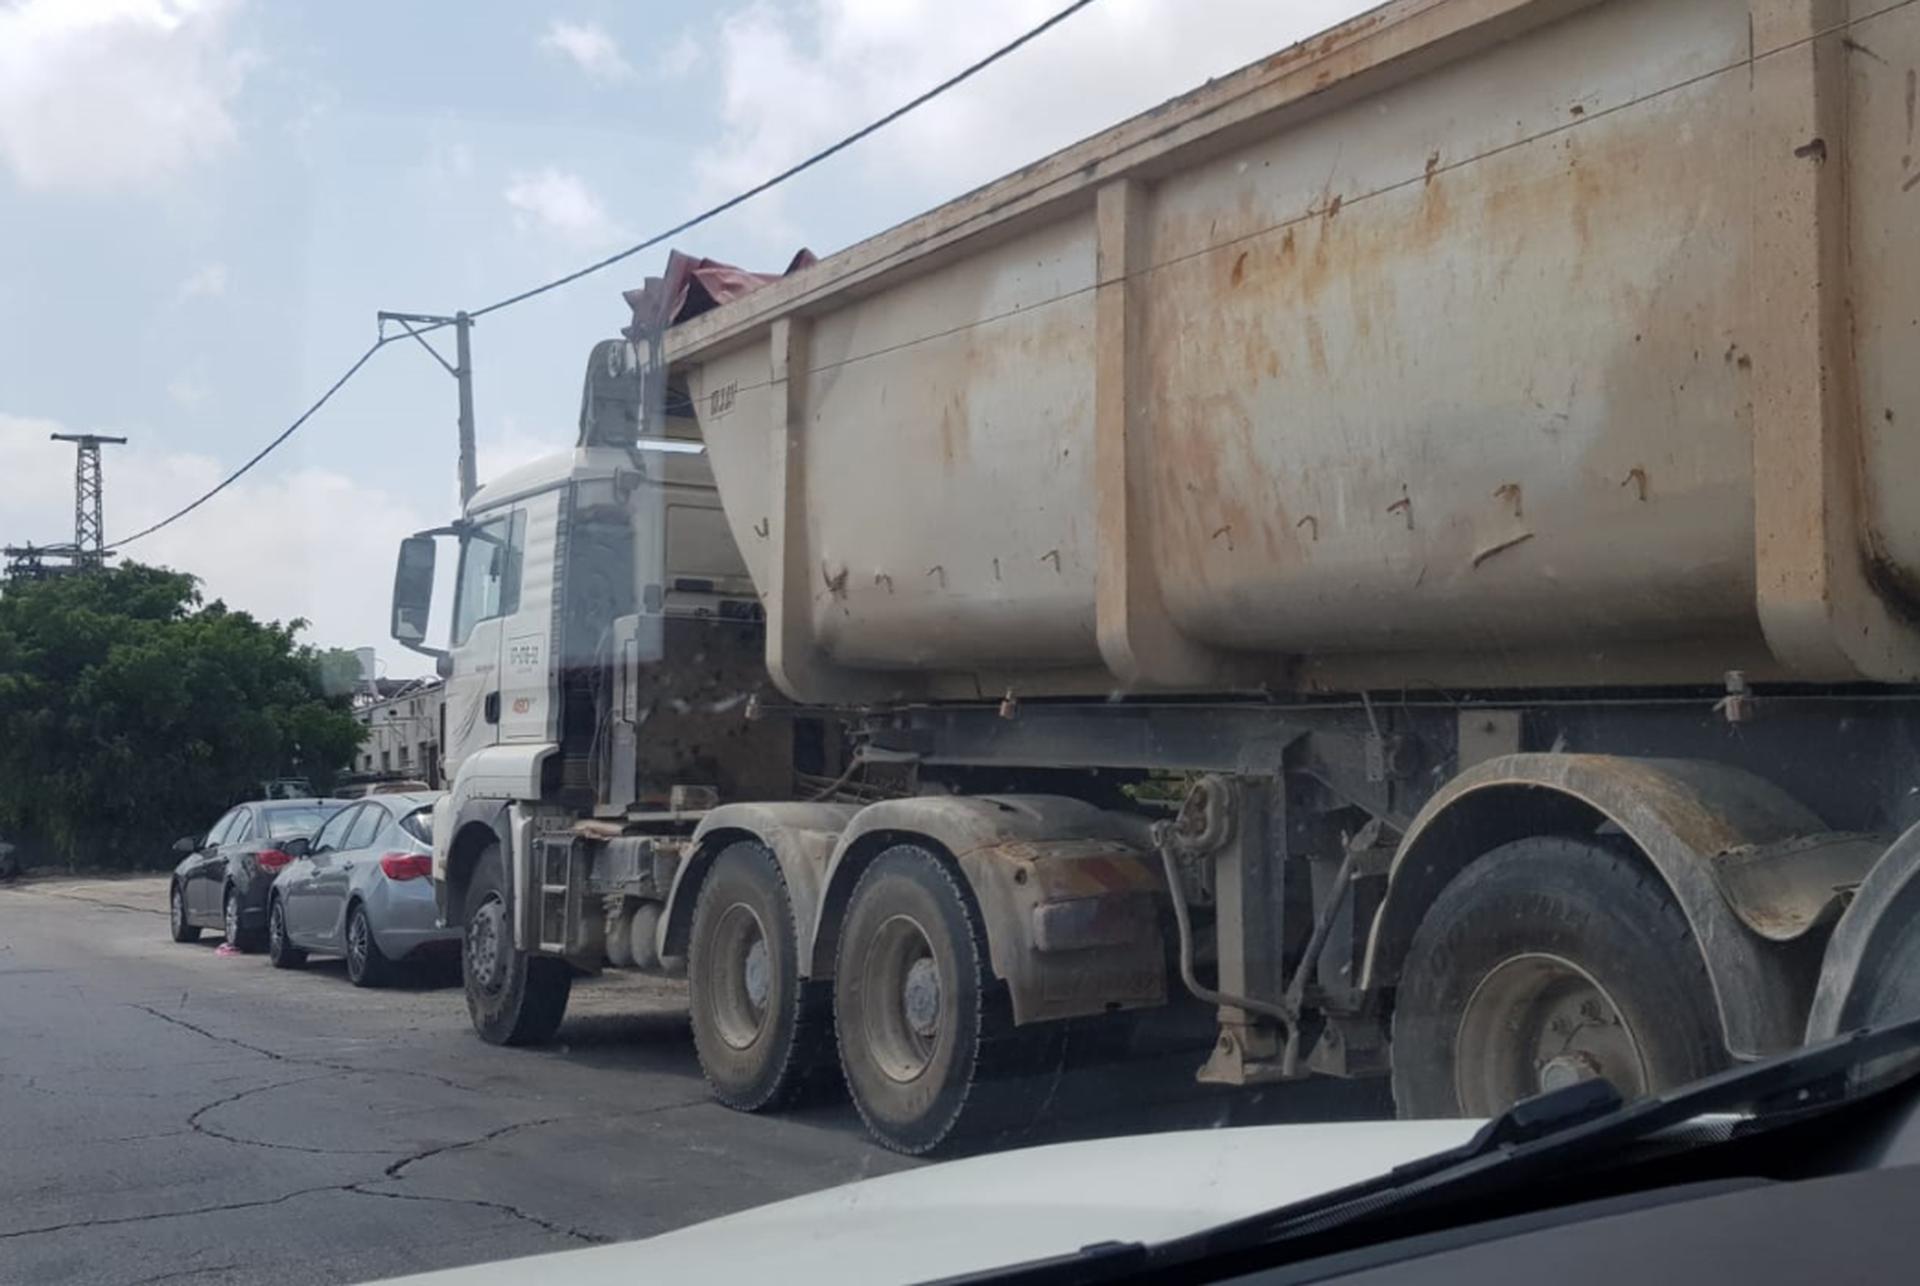 המשאיות ברחוב. צילום: לירן יוסף